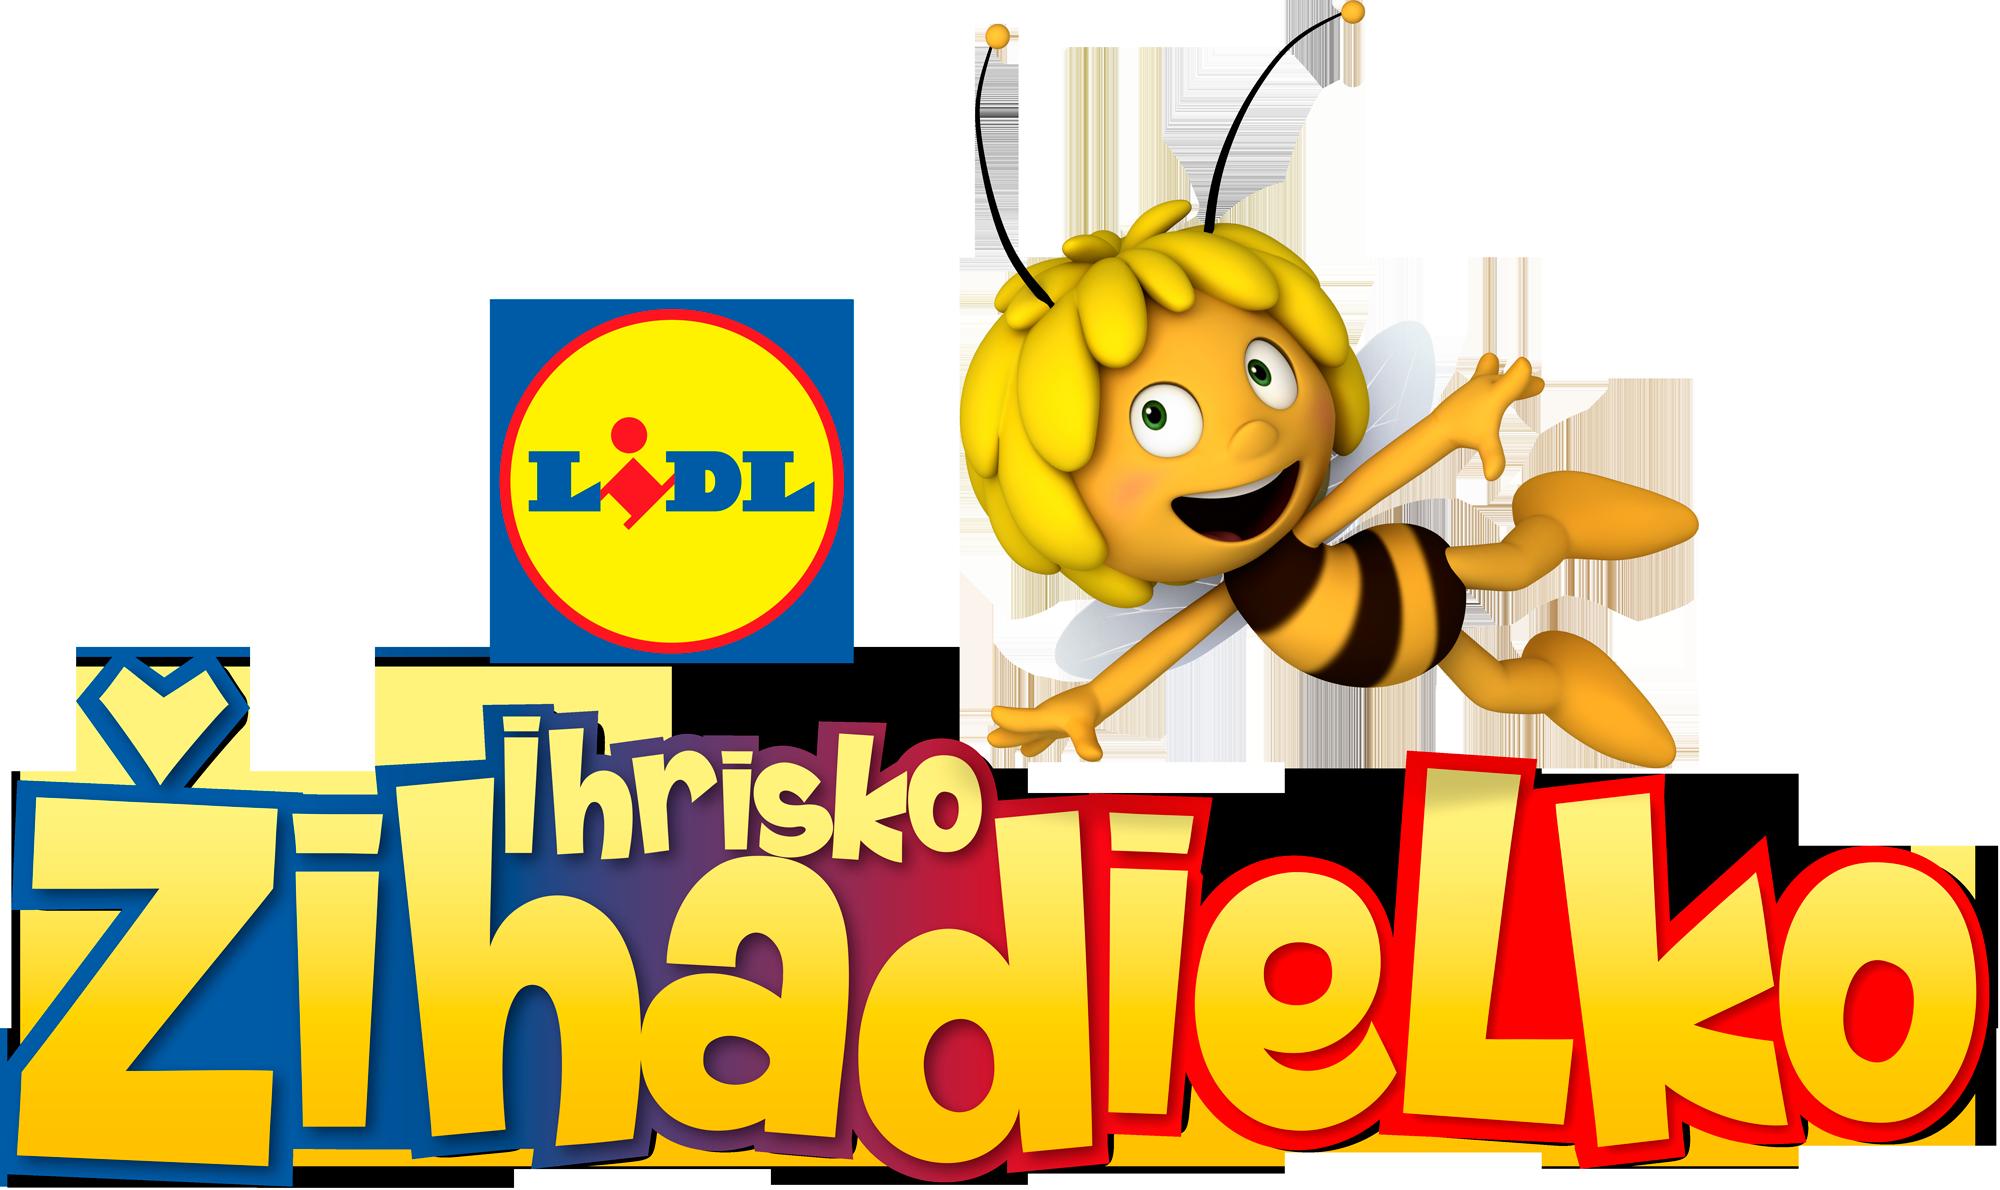 Zihadielko logo